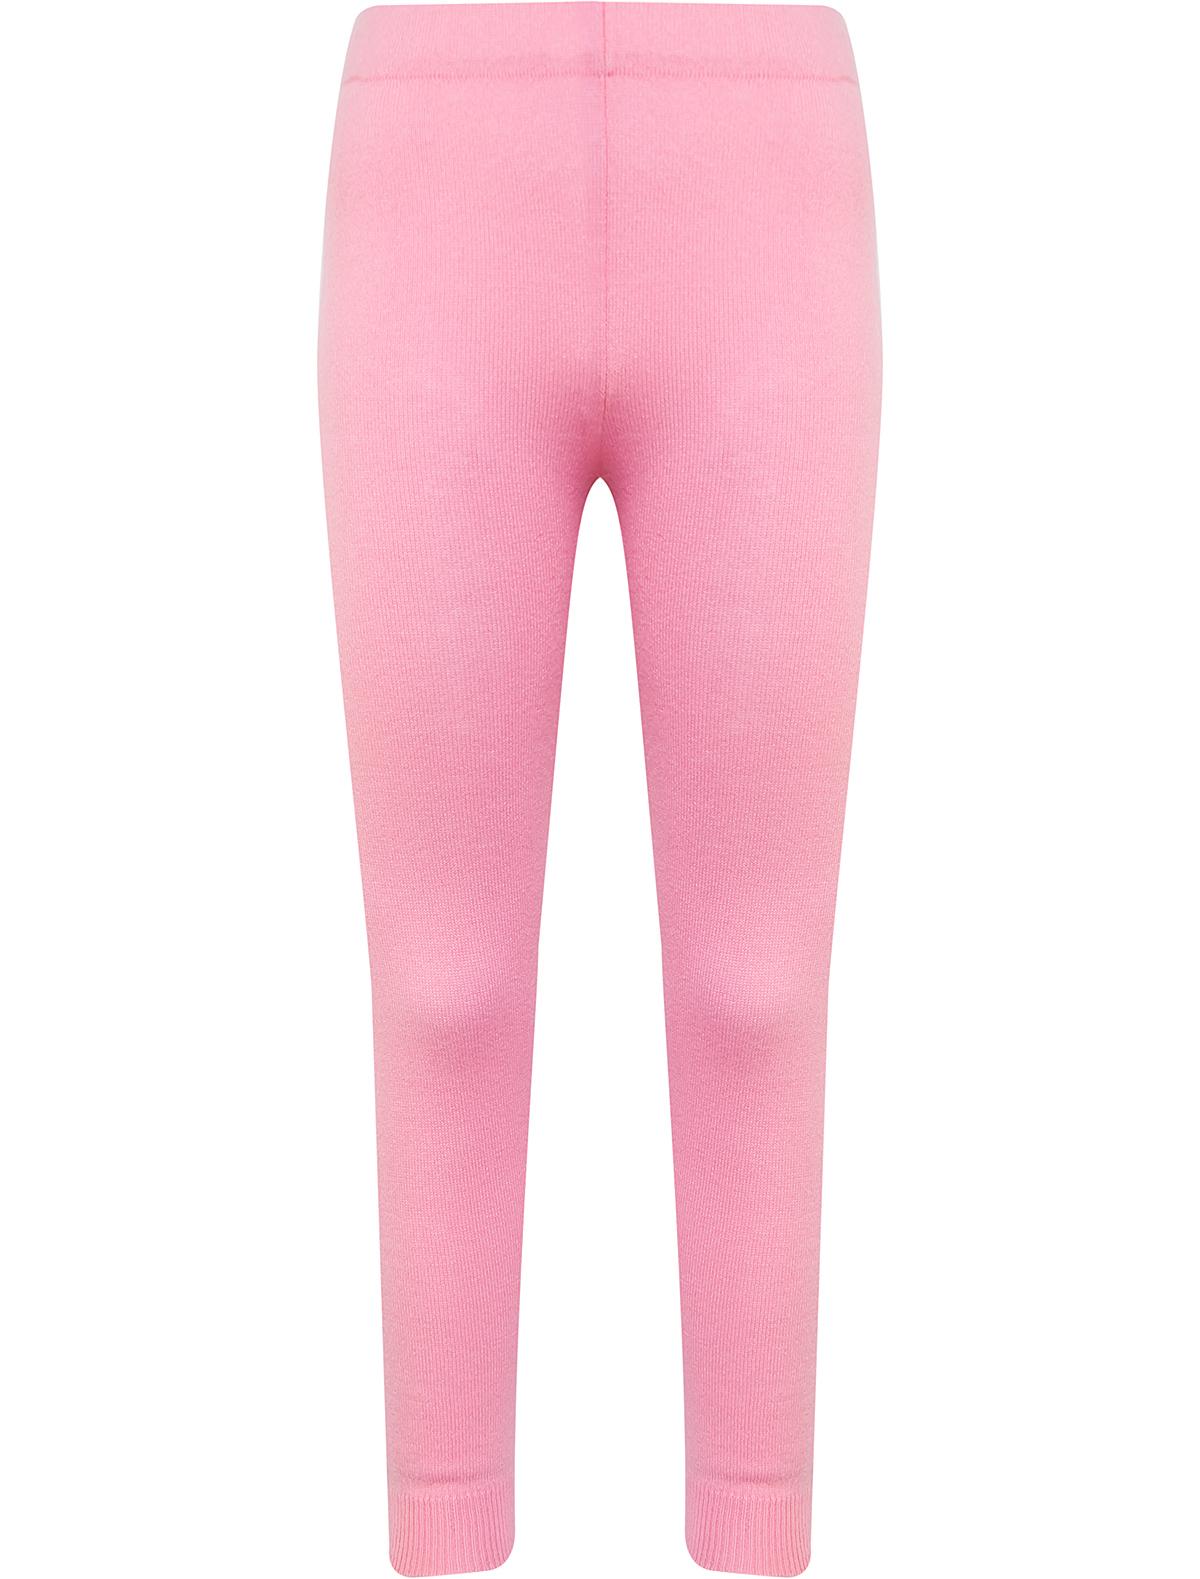 Купить 1888124, Леггинсы Frenchy Yummy, розовый, Женский, 1152609780025